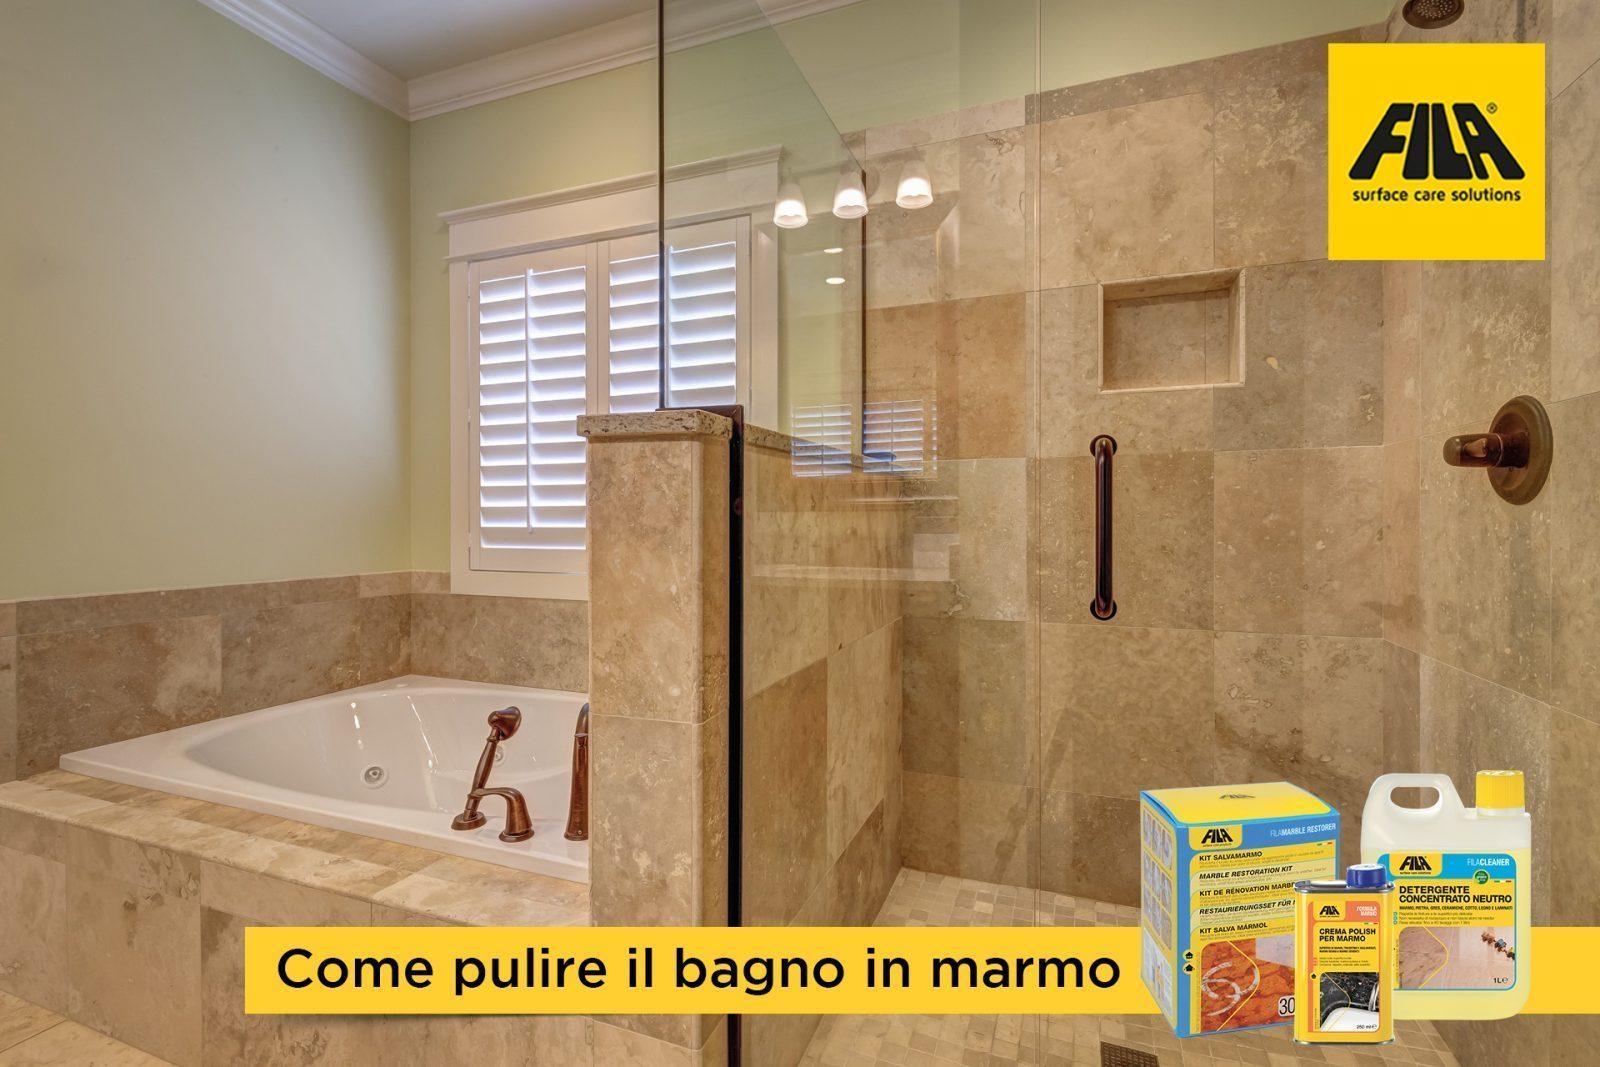 Bagno in marmo come pulirlo e proteggerlo dalle macchie - Come scaldare il bagno ...